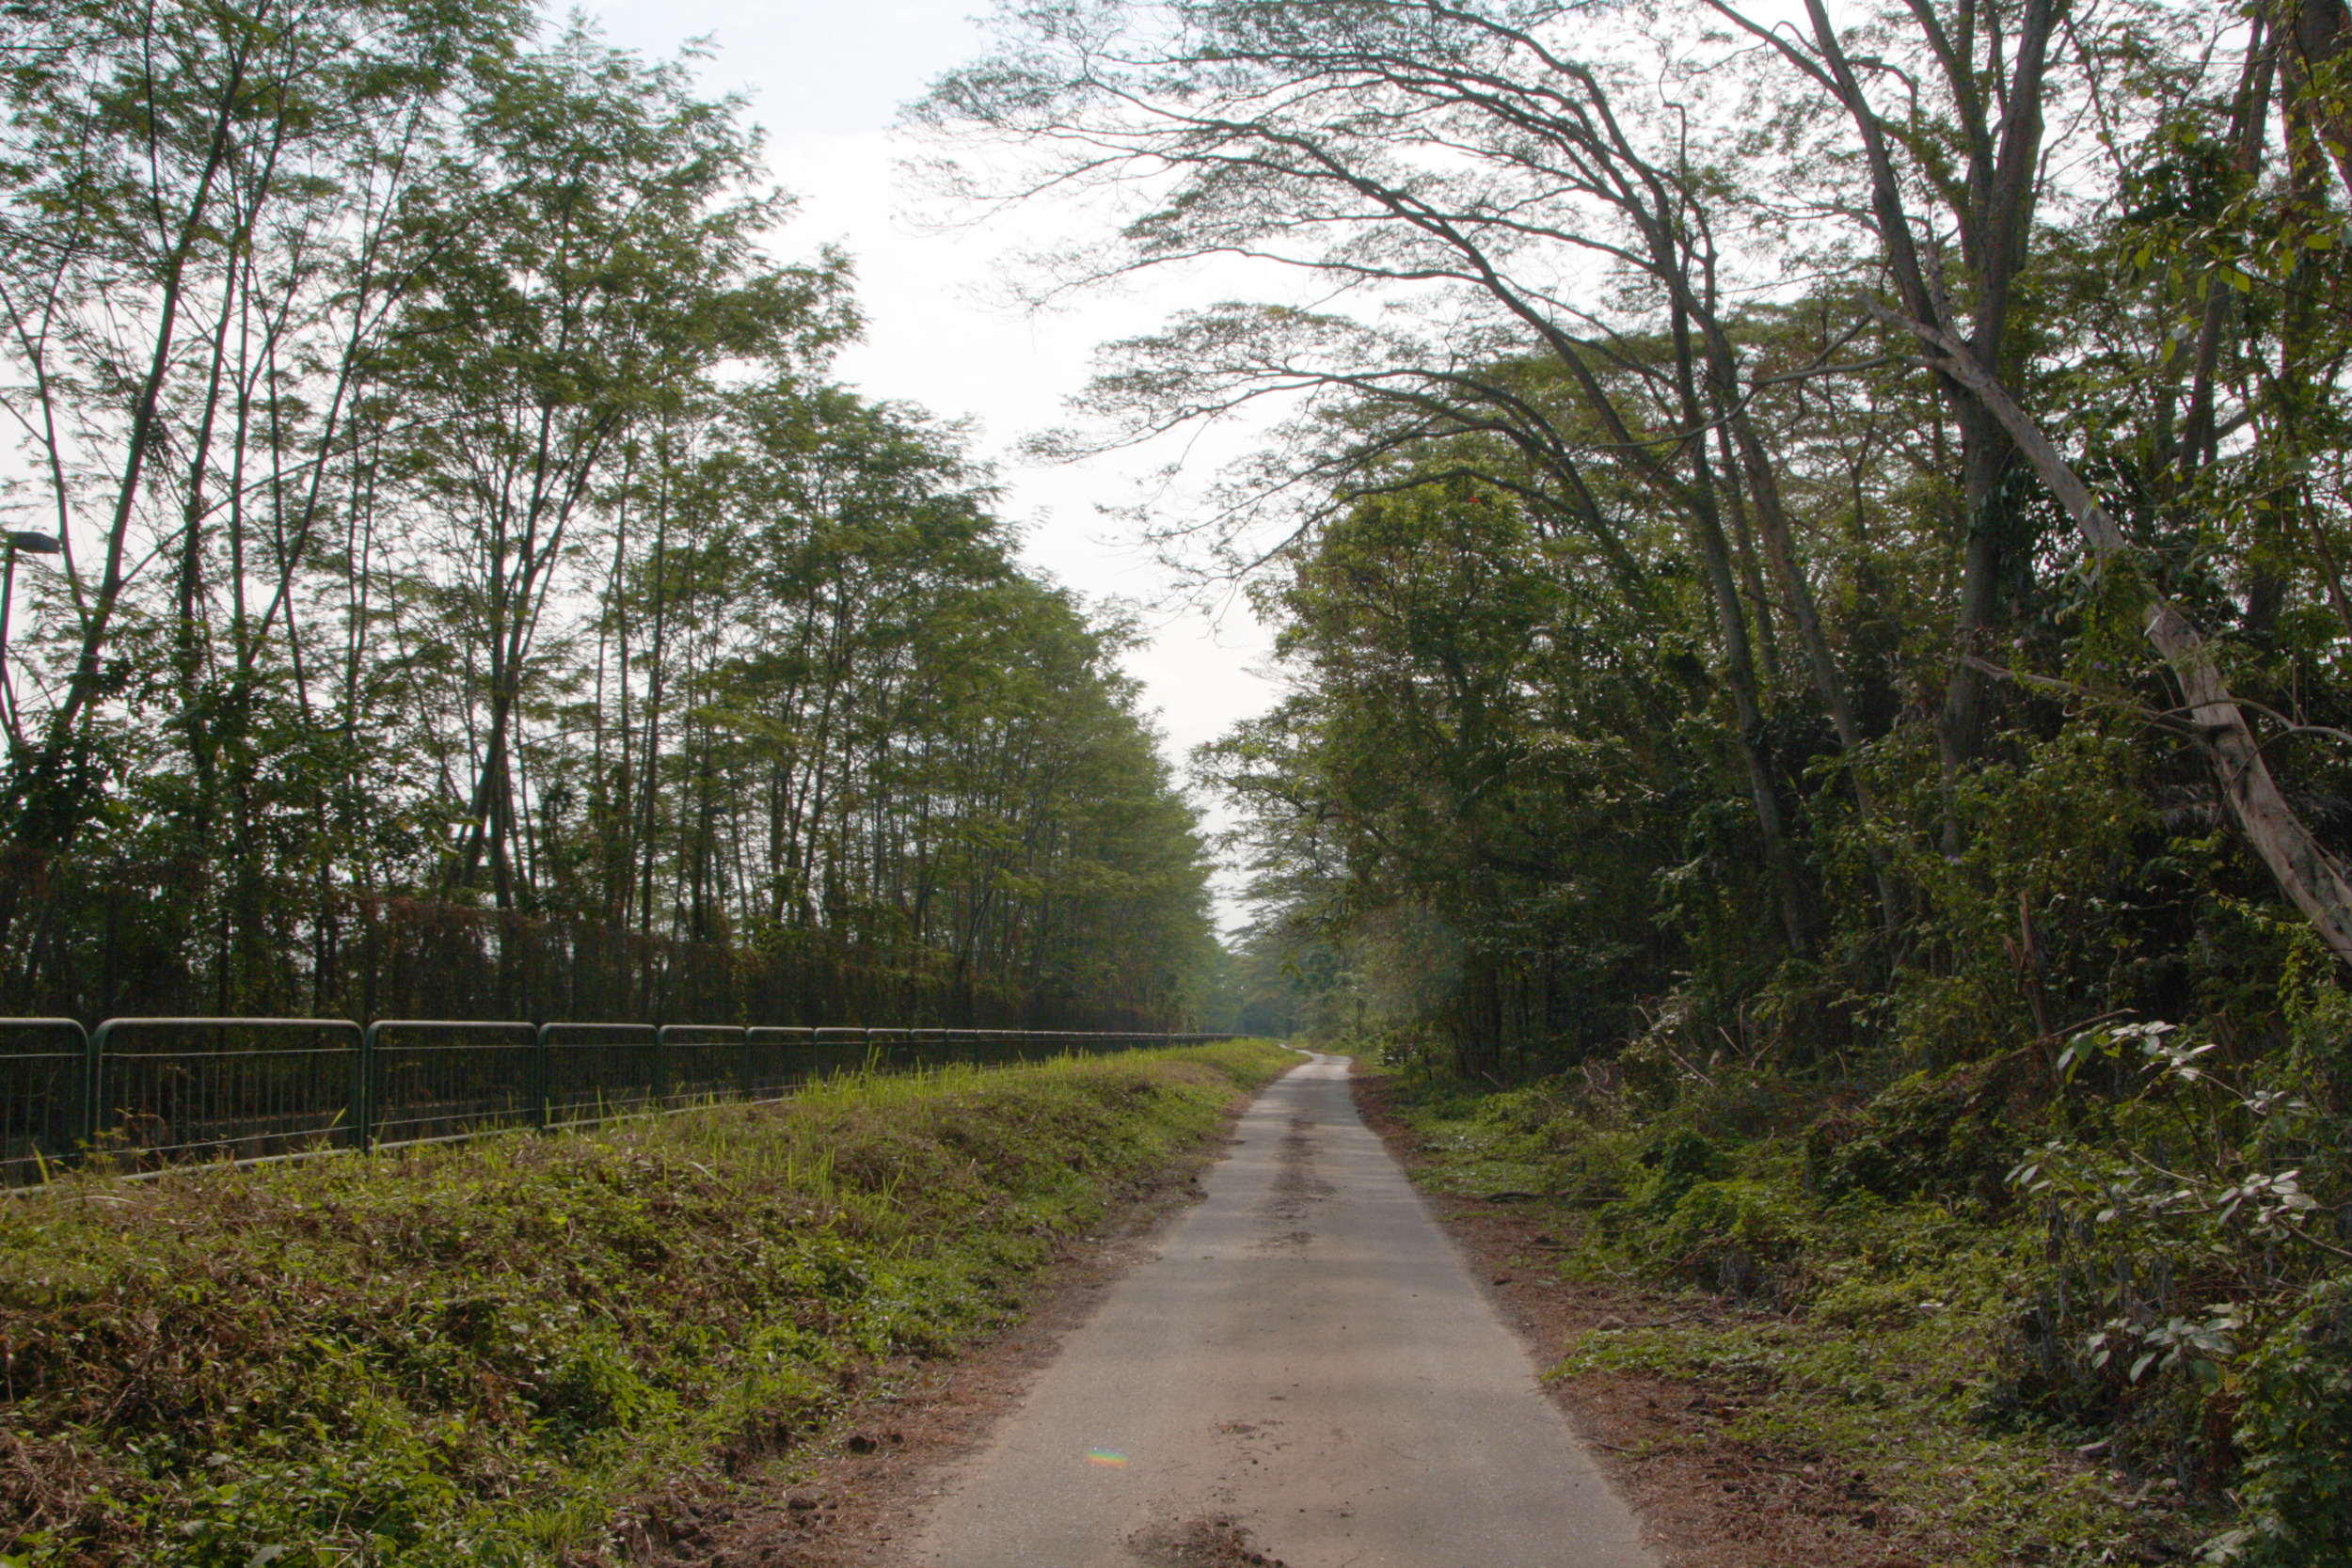 Neo Tiew Lane 2 - Kranji Marshes